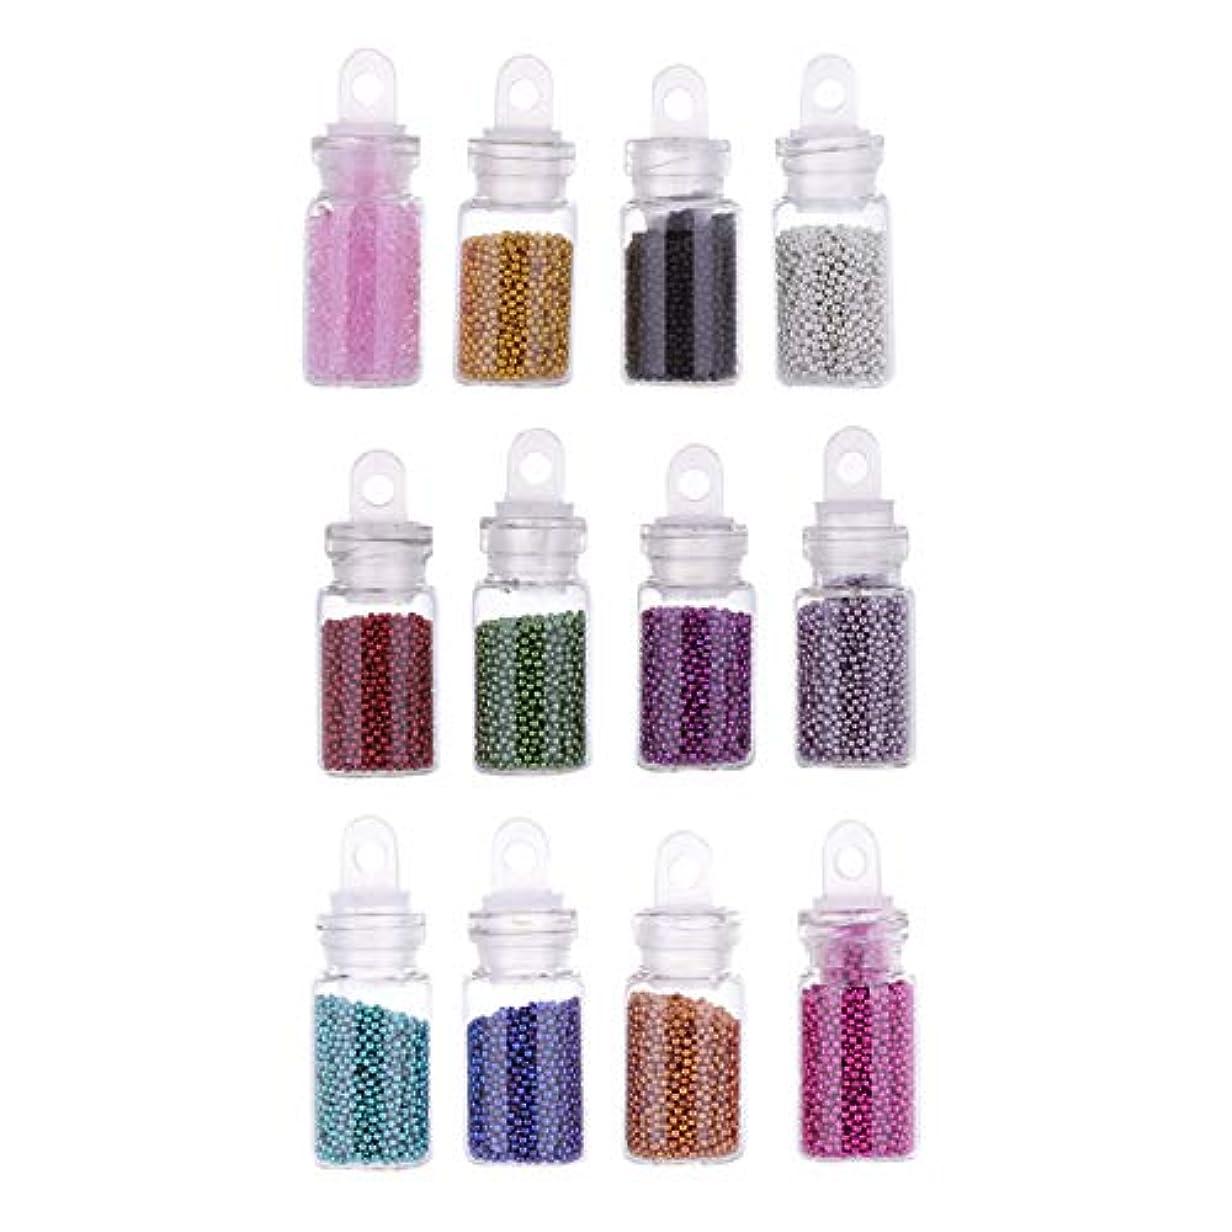 ミュート獲物シリアルOU-Kunmlef アップグレードバージョン1ボトル12色ミニビーズキャビアビーズネイルアートデコレーションツール(None Picture Color)